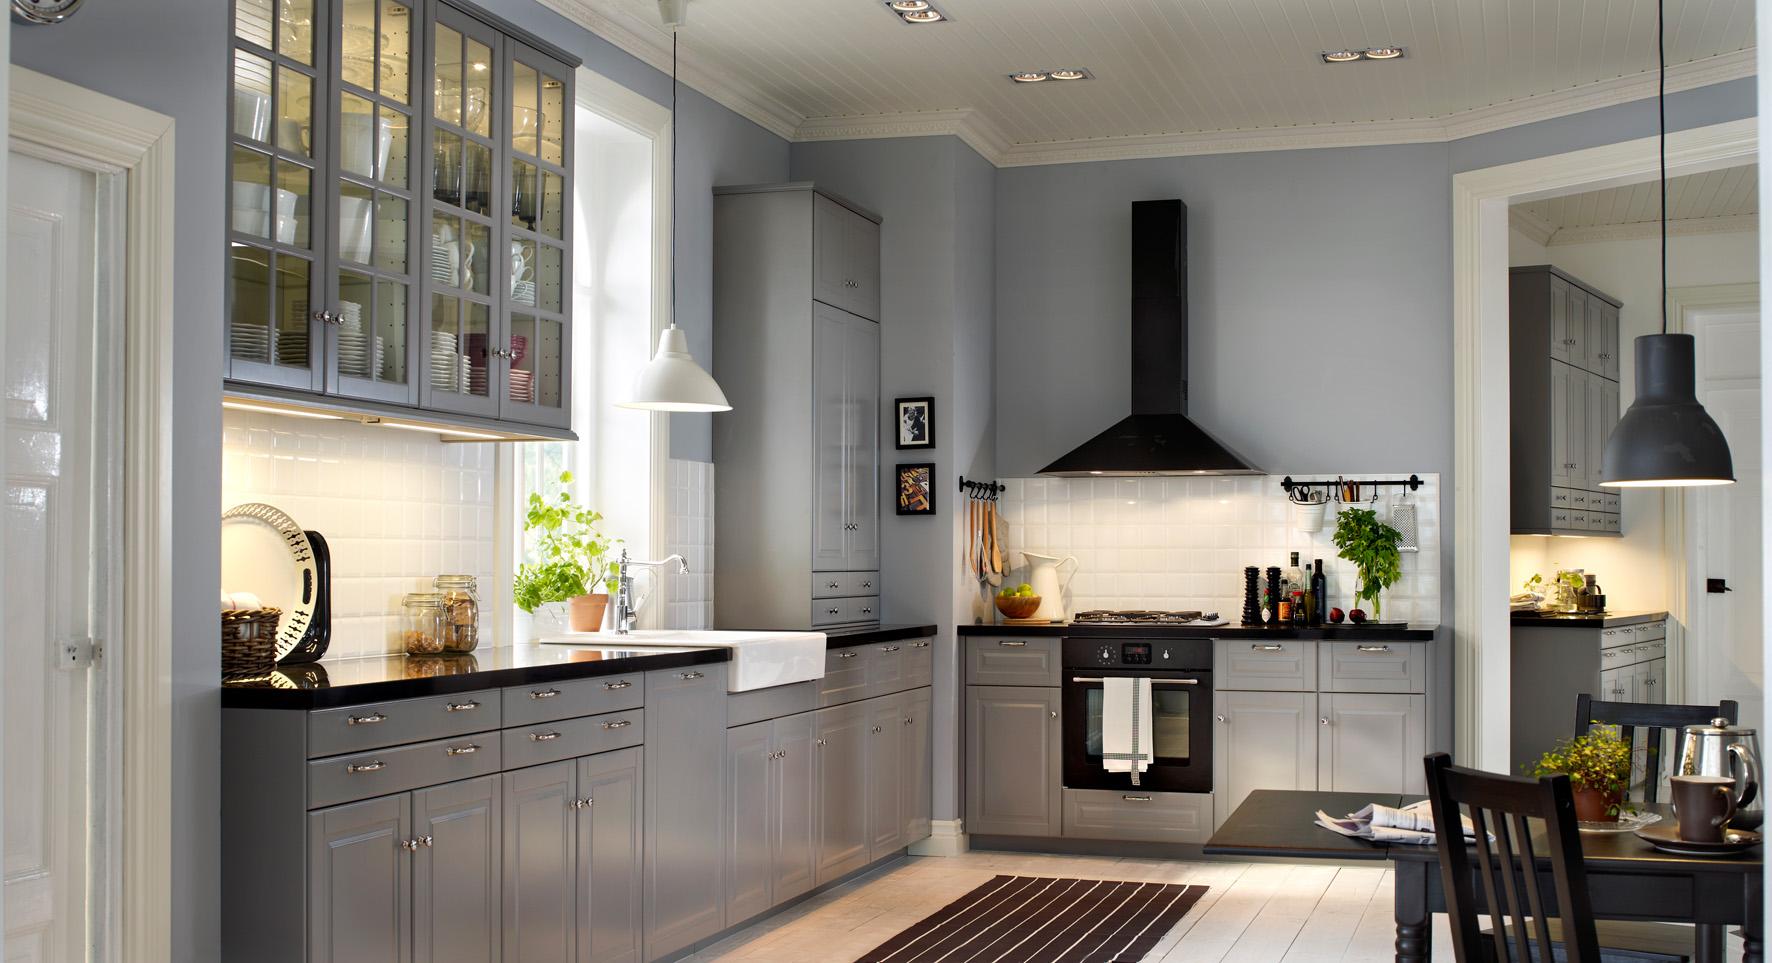 Кухня икеа серая в интерьере фото